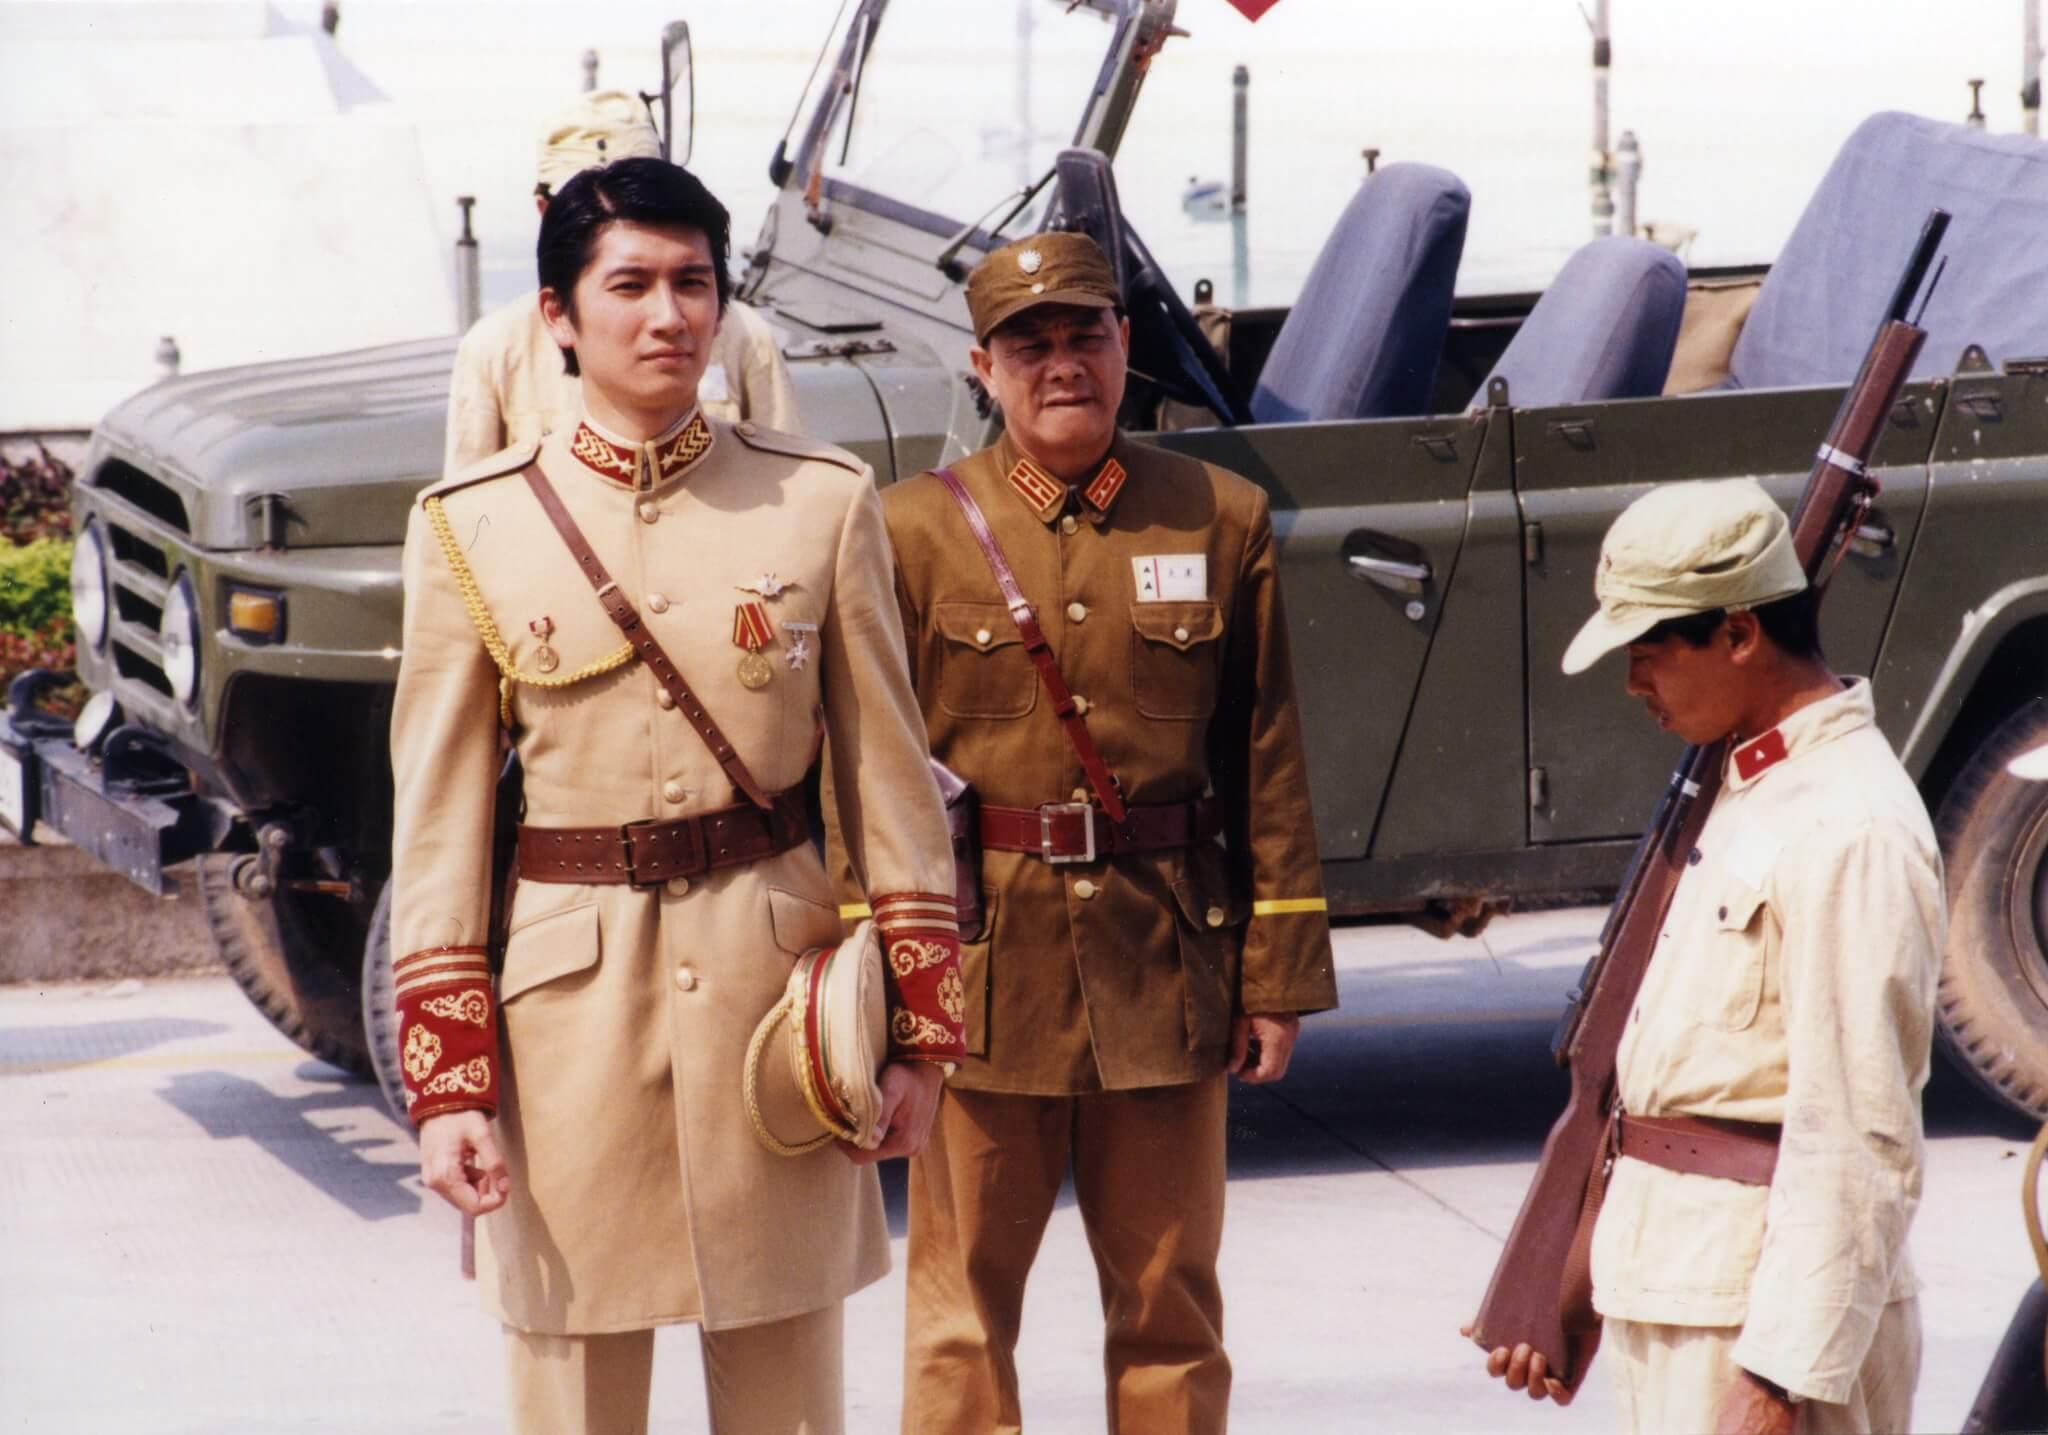 袁文傑在一九九八年為亞視拍攝劇集《我來自廣州》,當年的小鮮肉魅力也不凡呢。